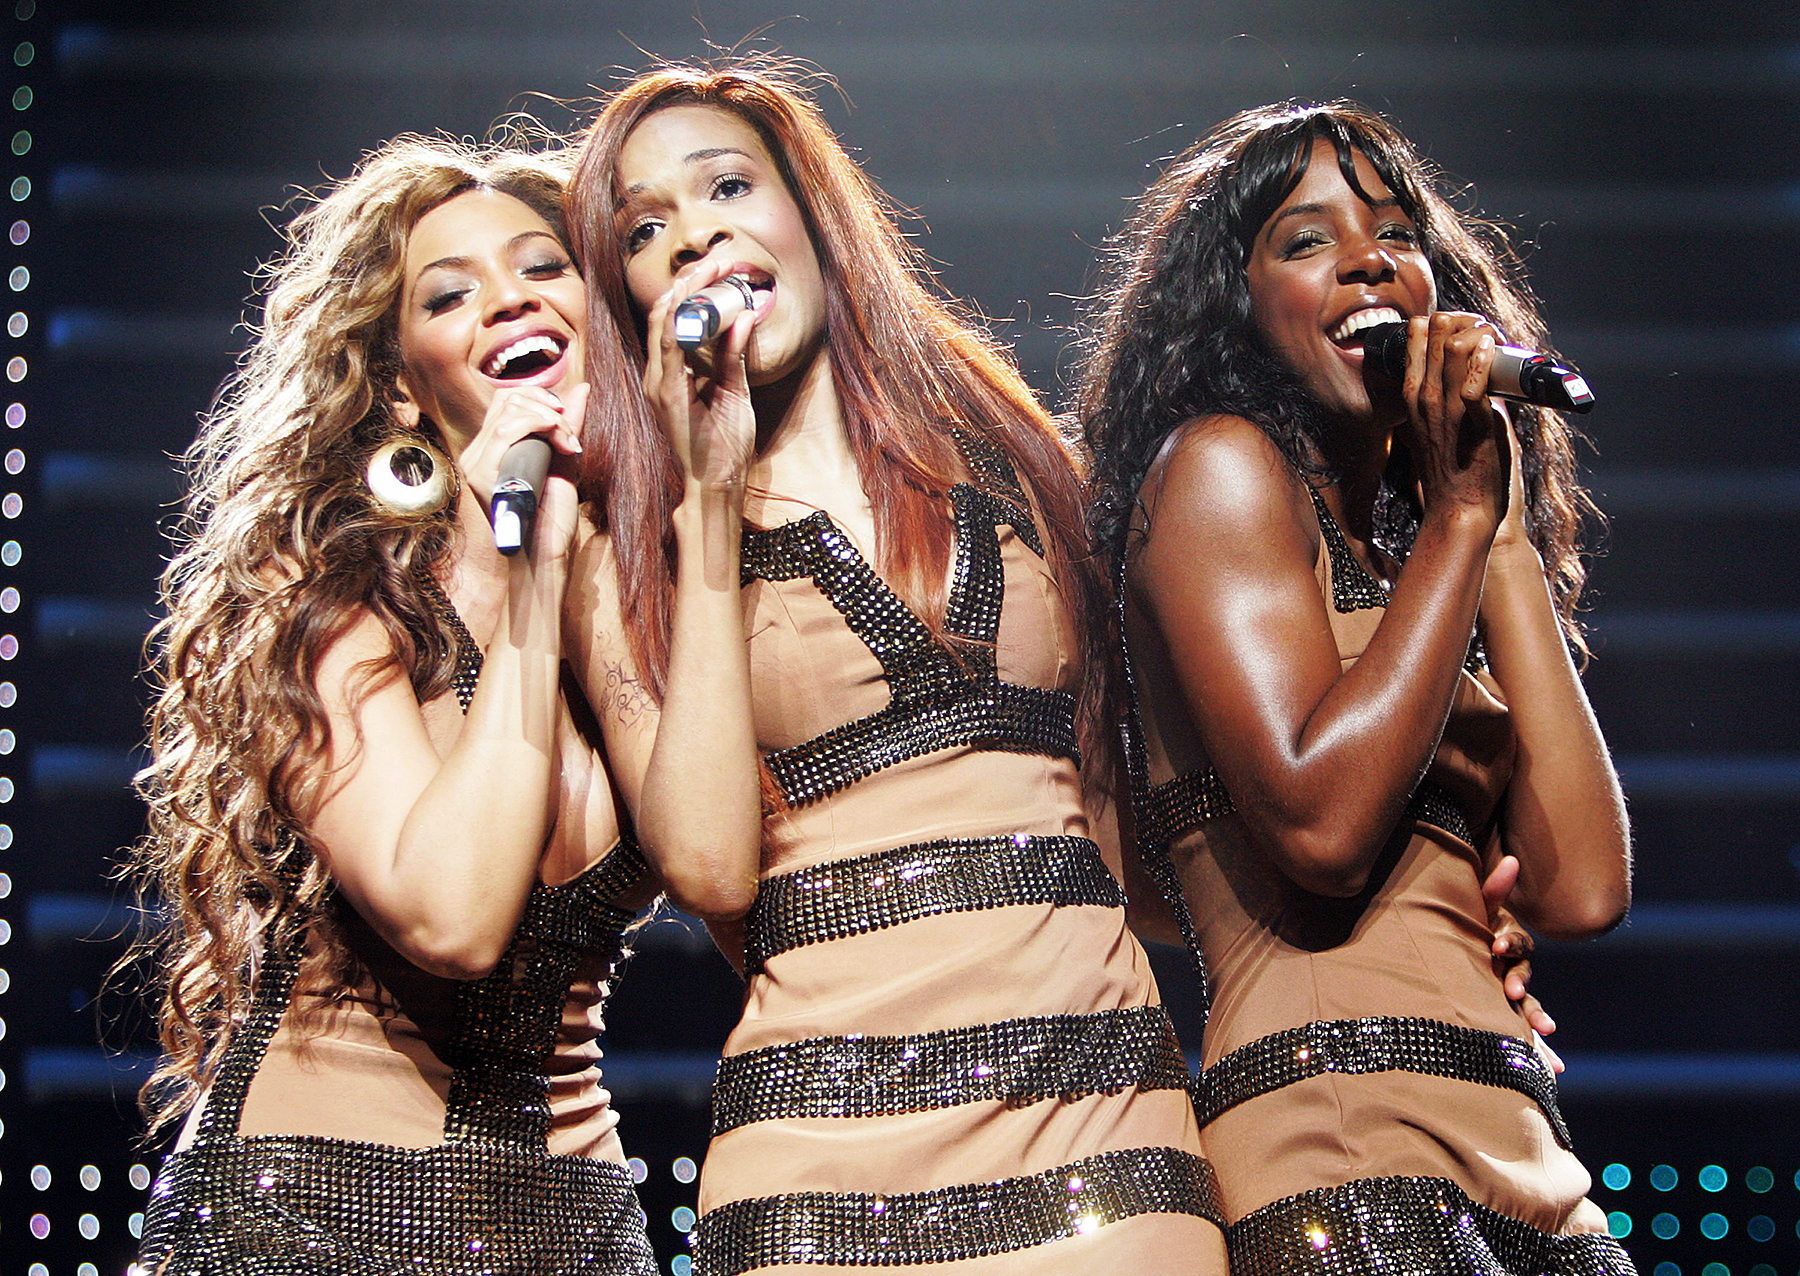 Michelle Williams Destiny's Child suicidal